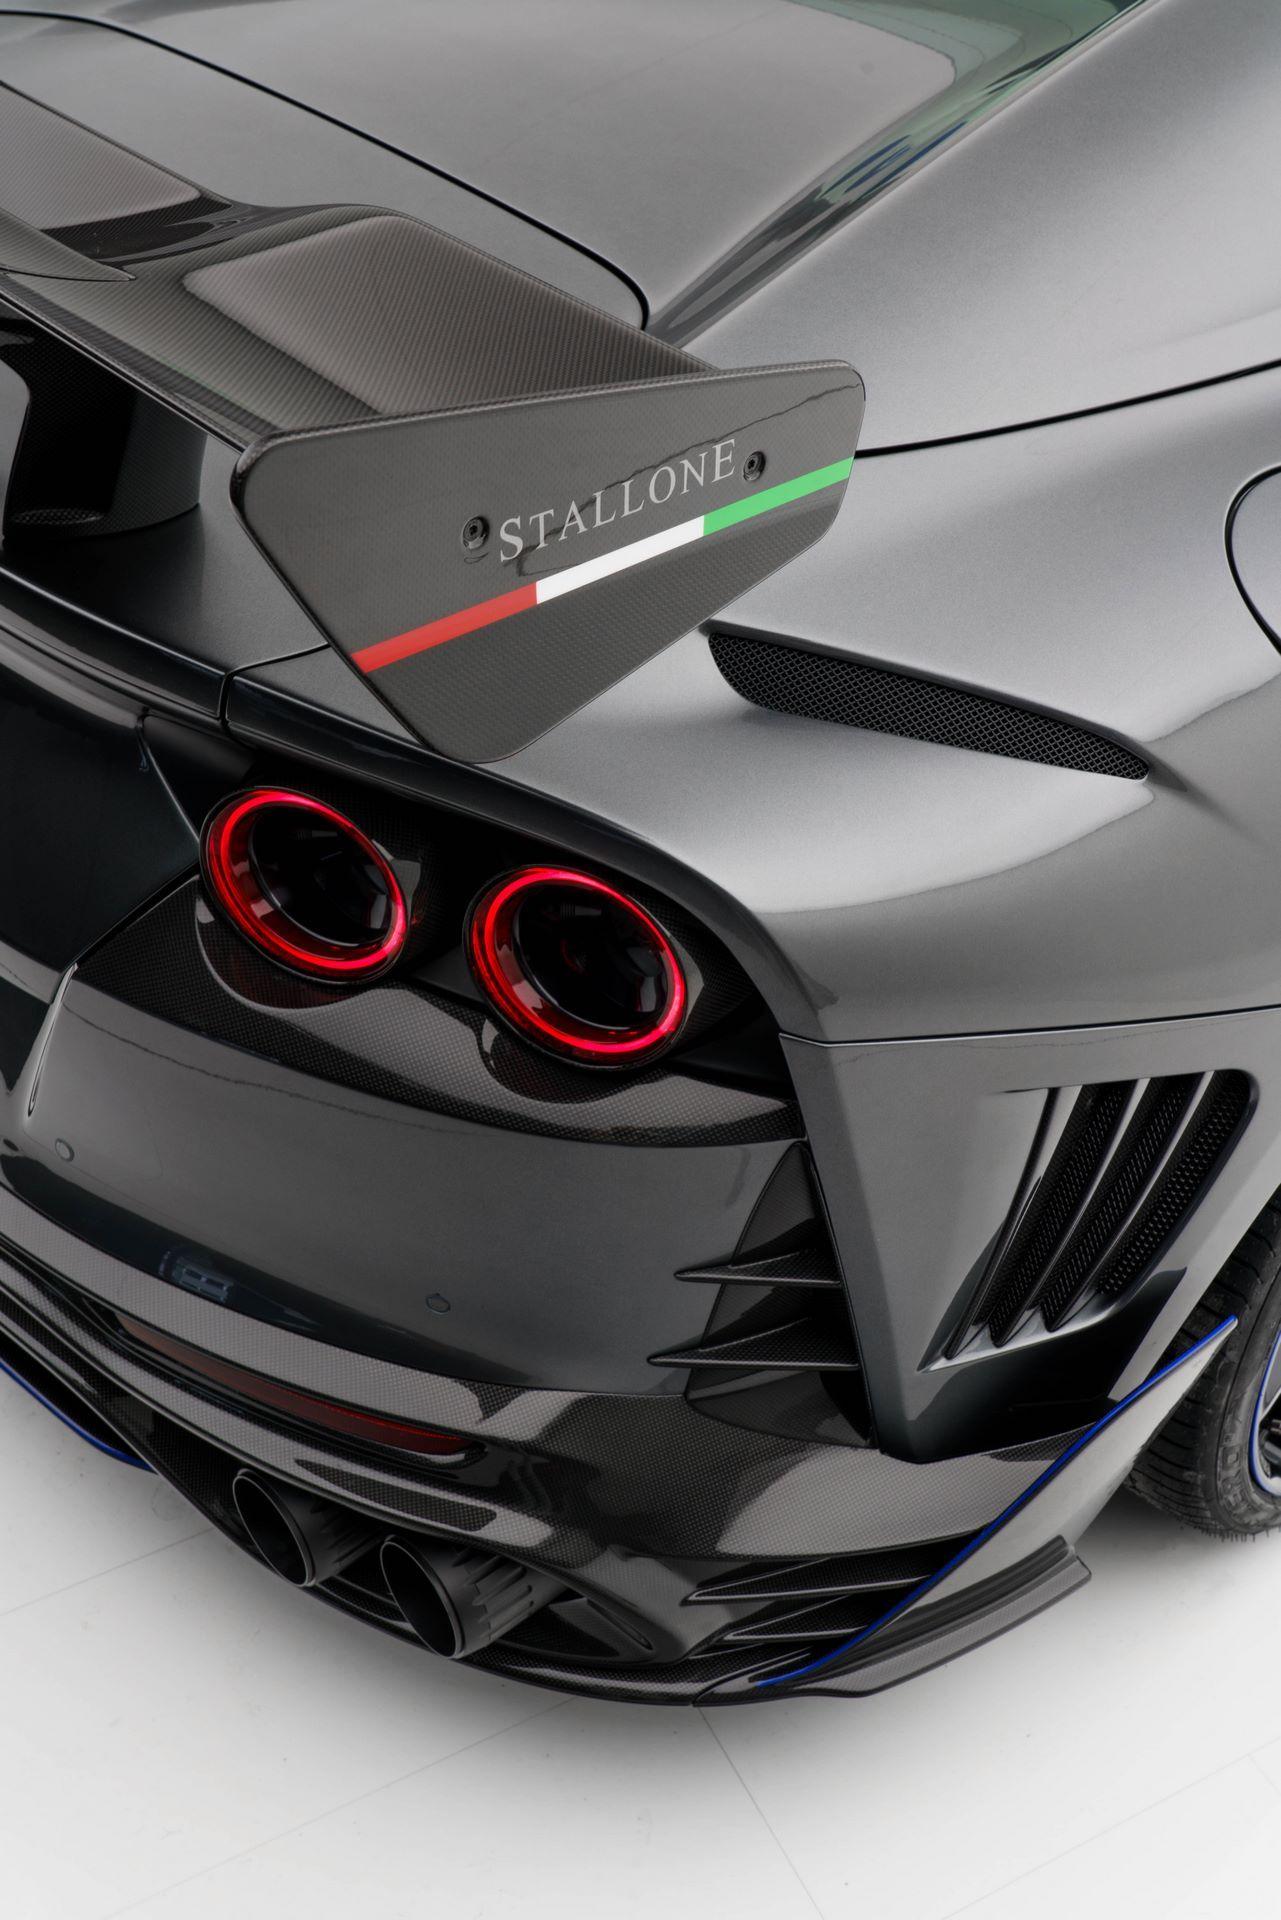 Mansory-Stallone-GTS-15